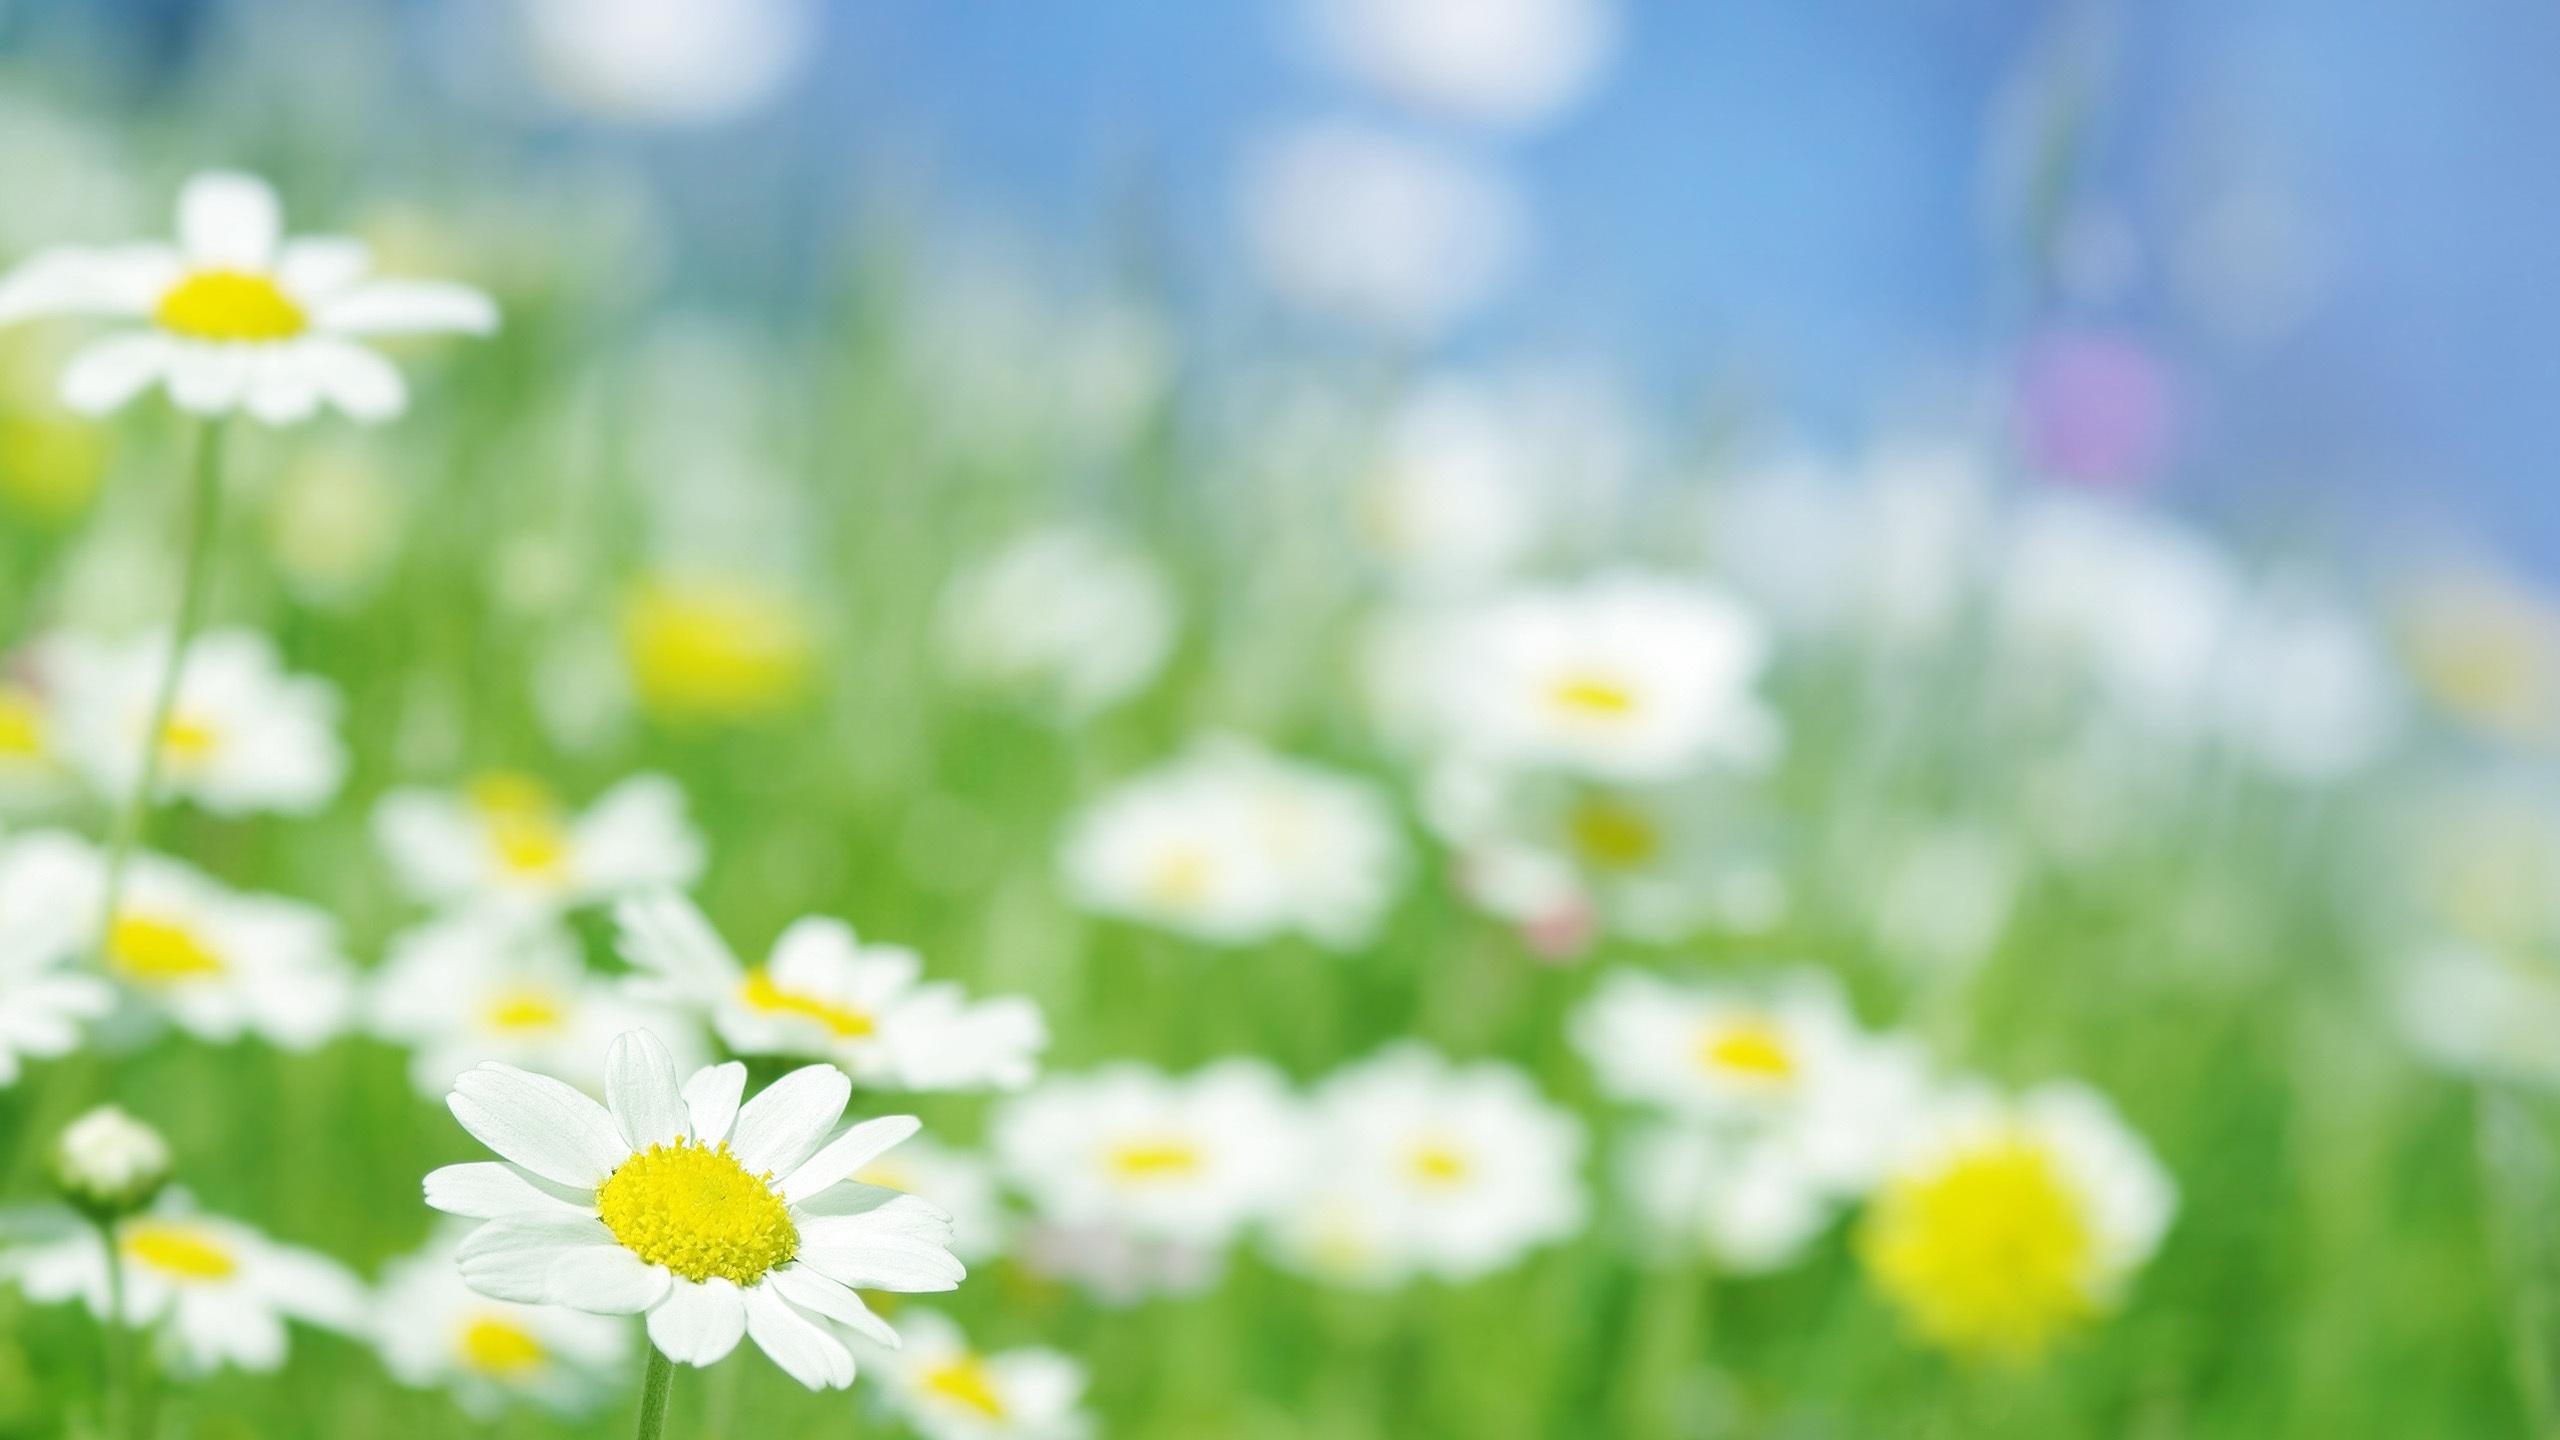 壁紙 カモミールの花はマクロ 2560x1600 Hd 無料のデスクトップの背景